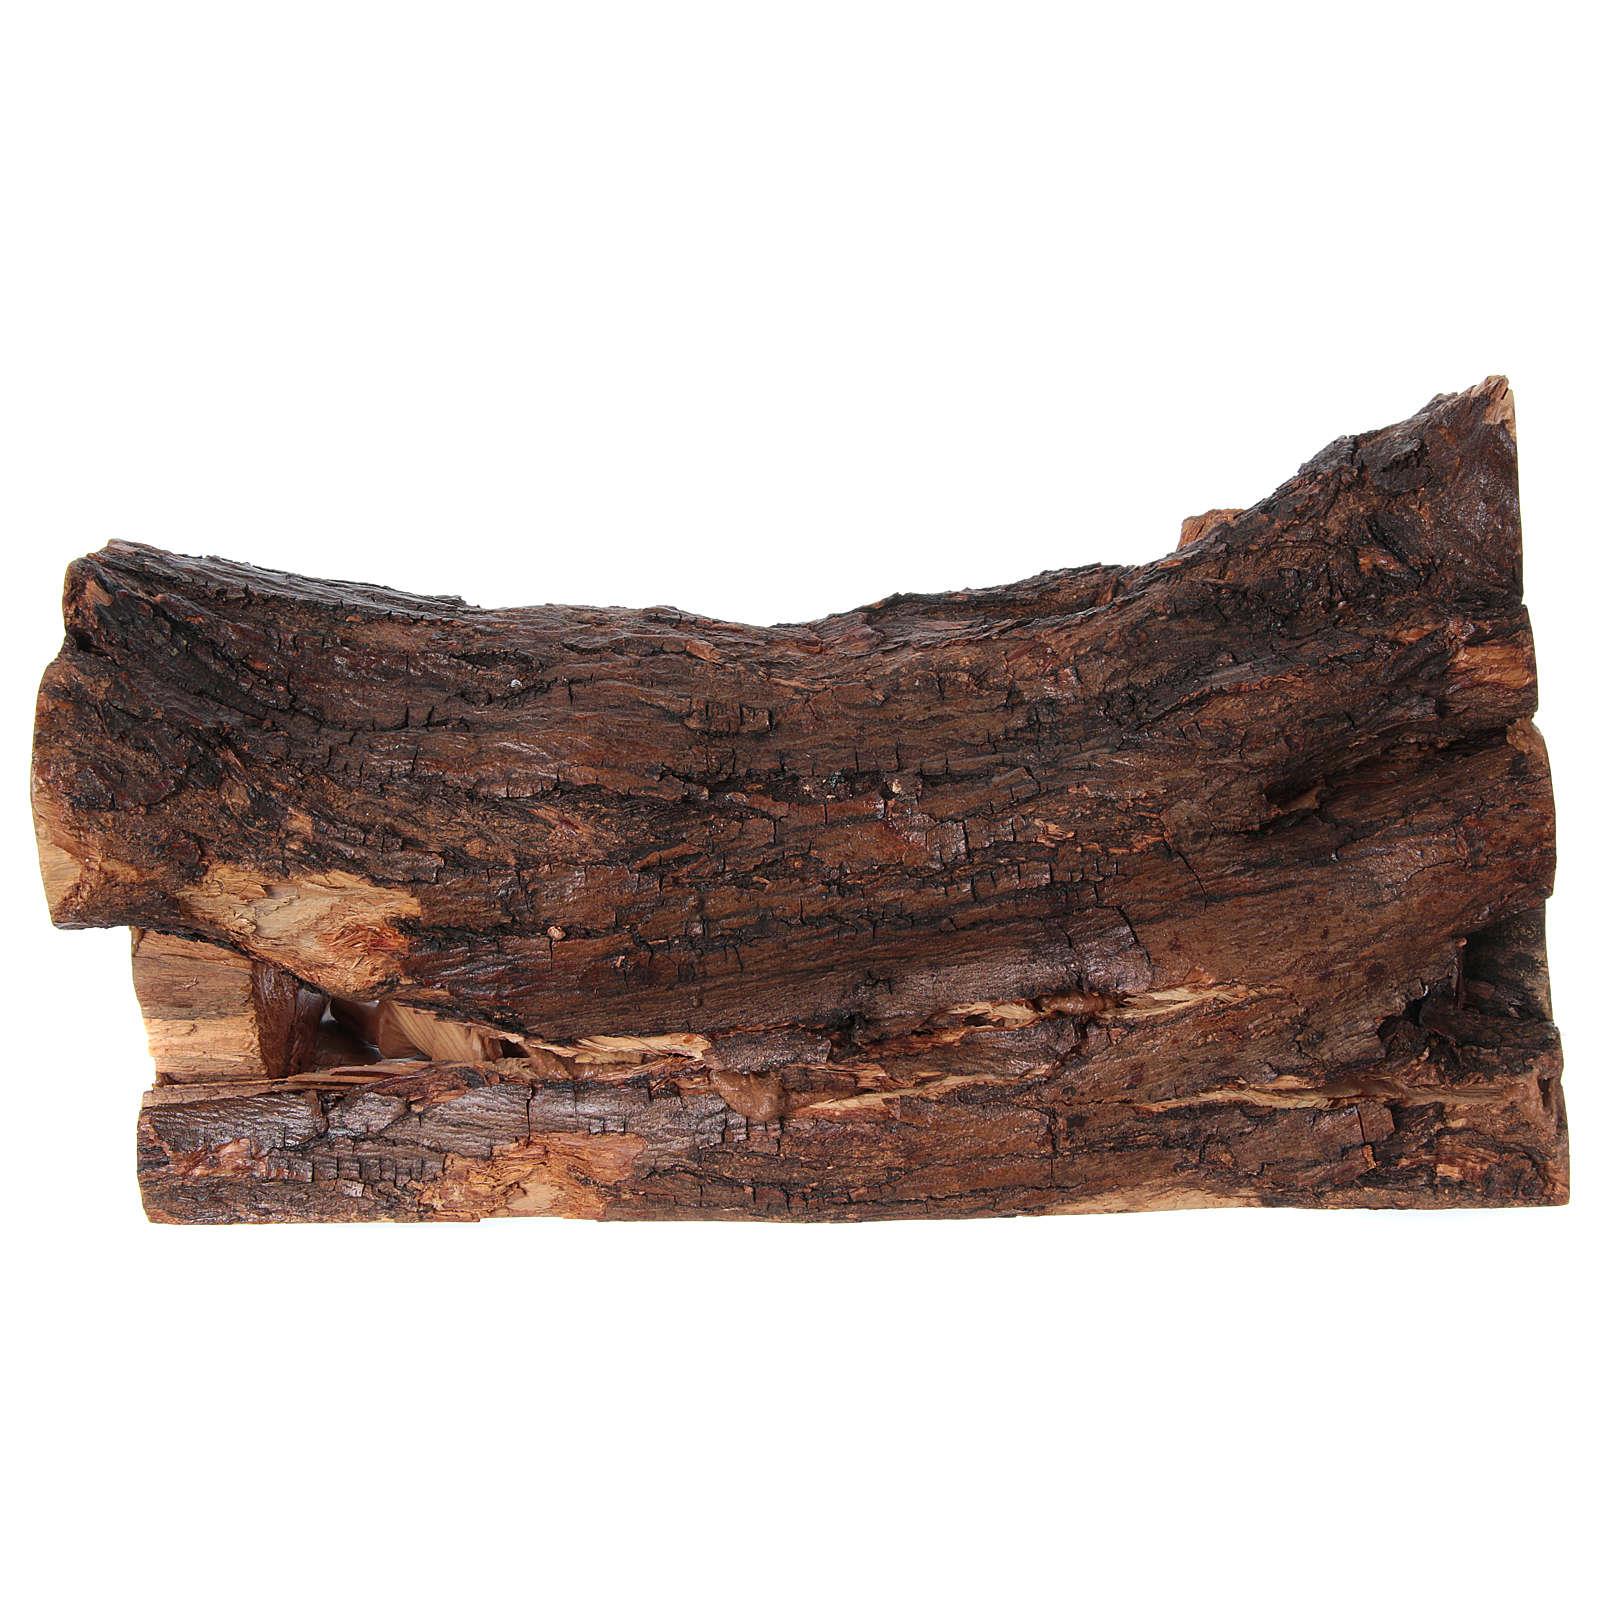 Presepe ulivo di Betlemme in stalla naturale 25x40x20 cm 4